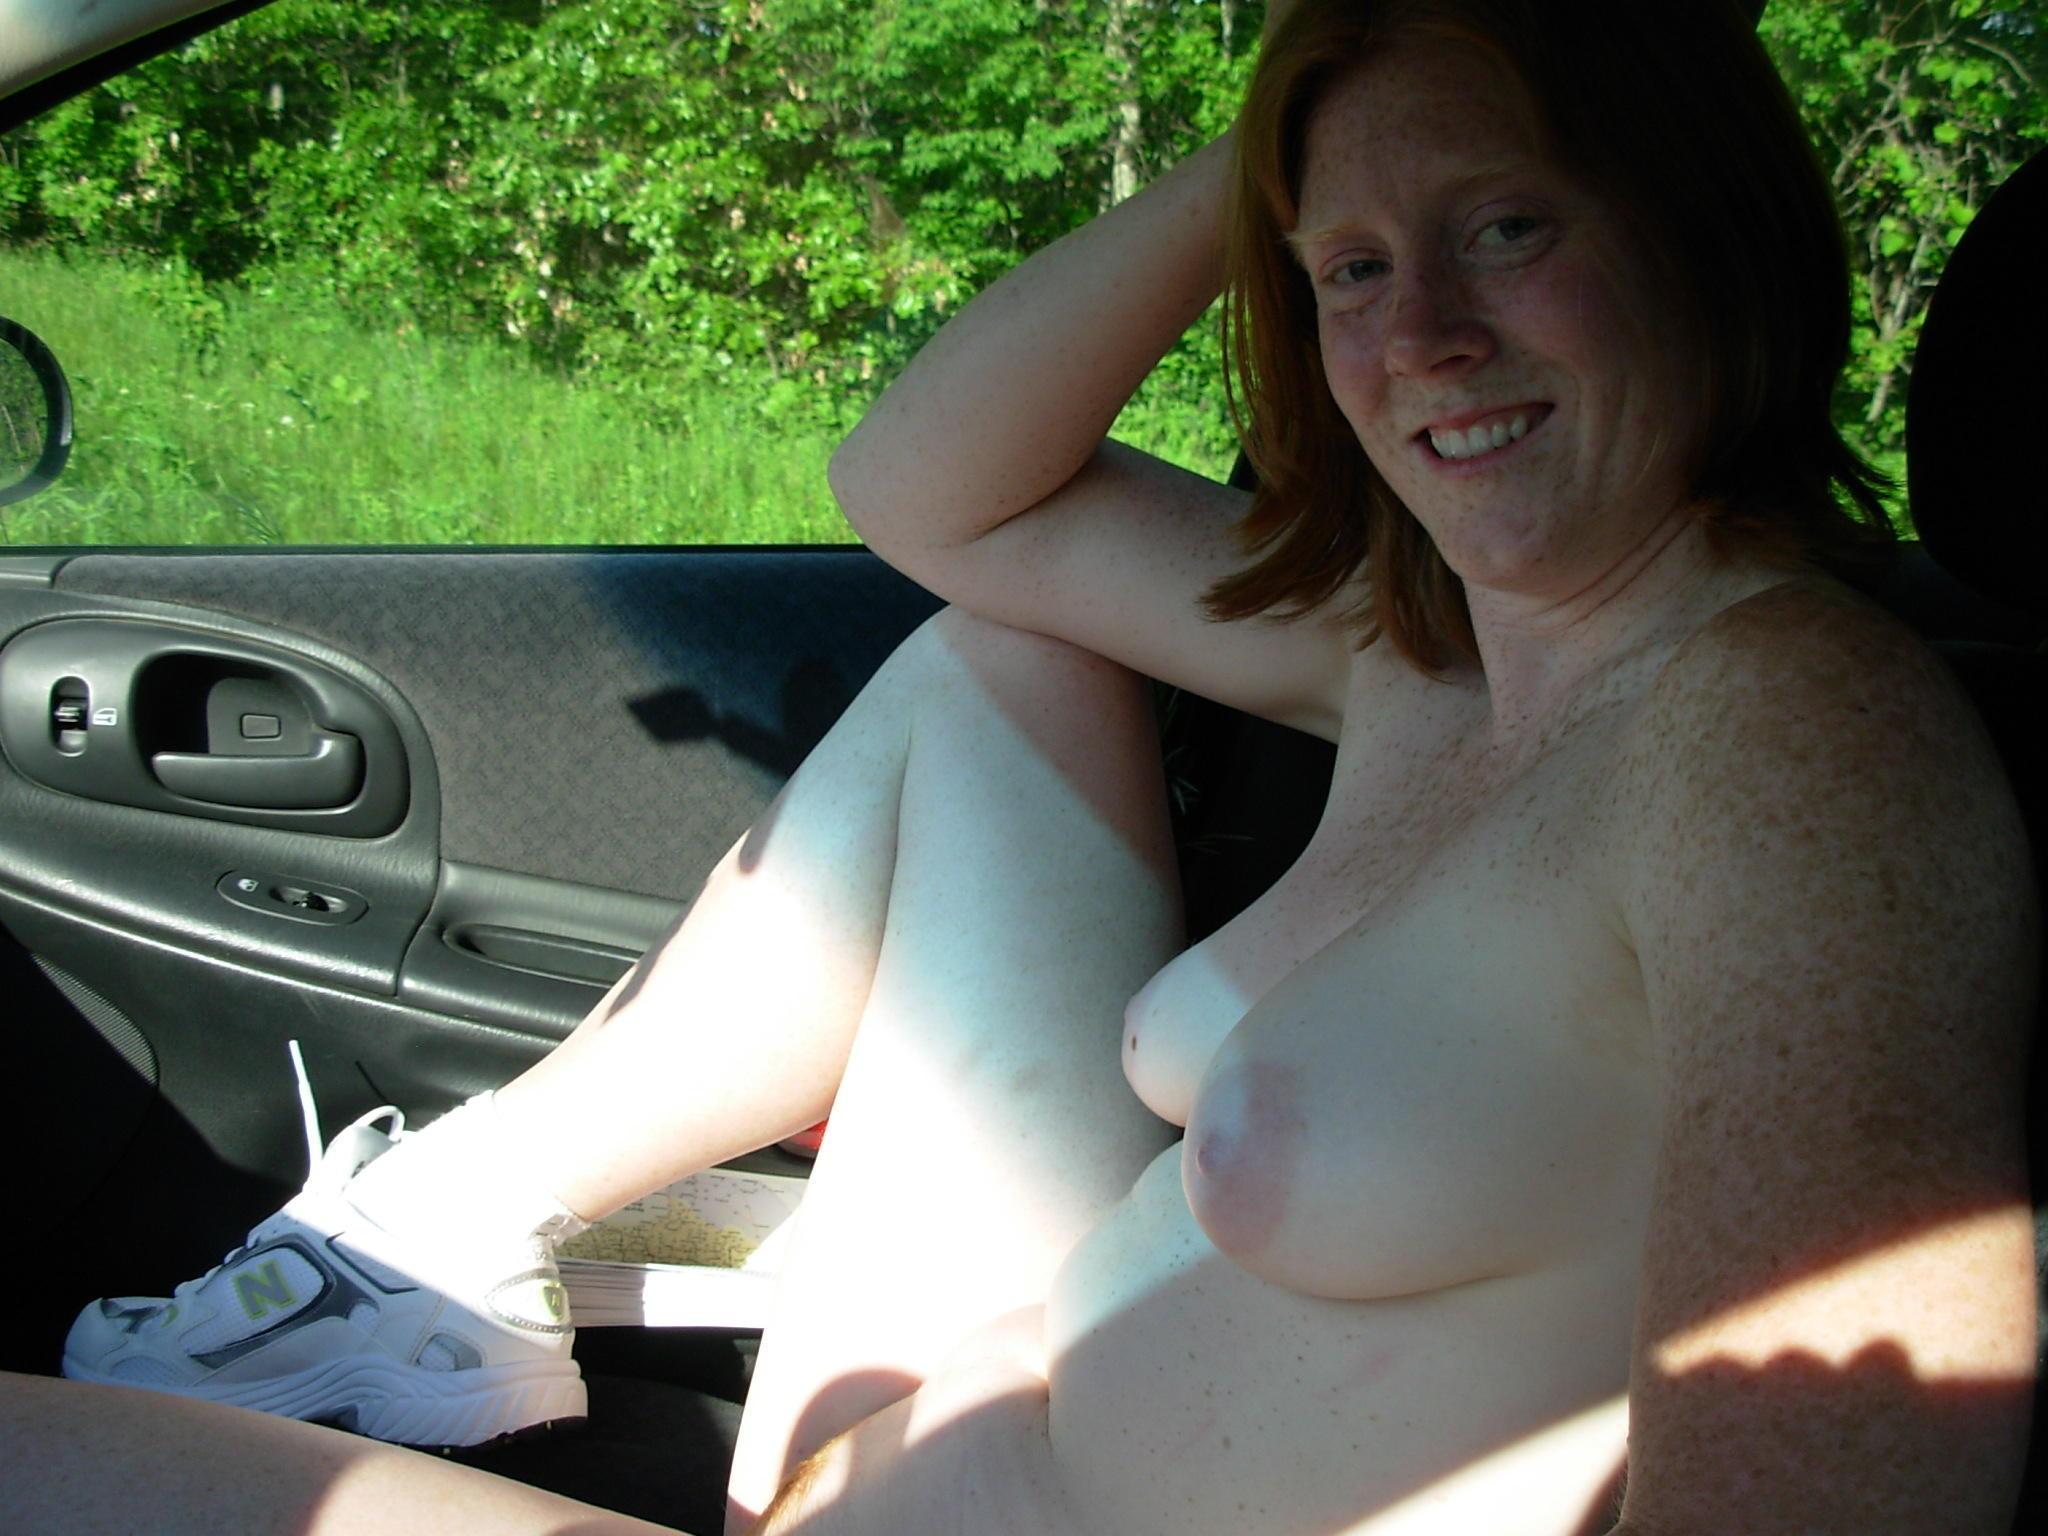 Daring Public Flashing Nudity